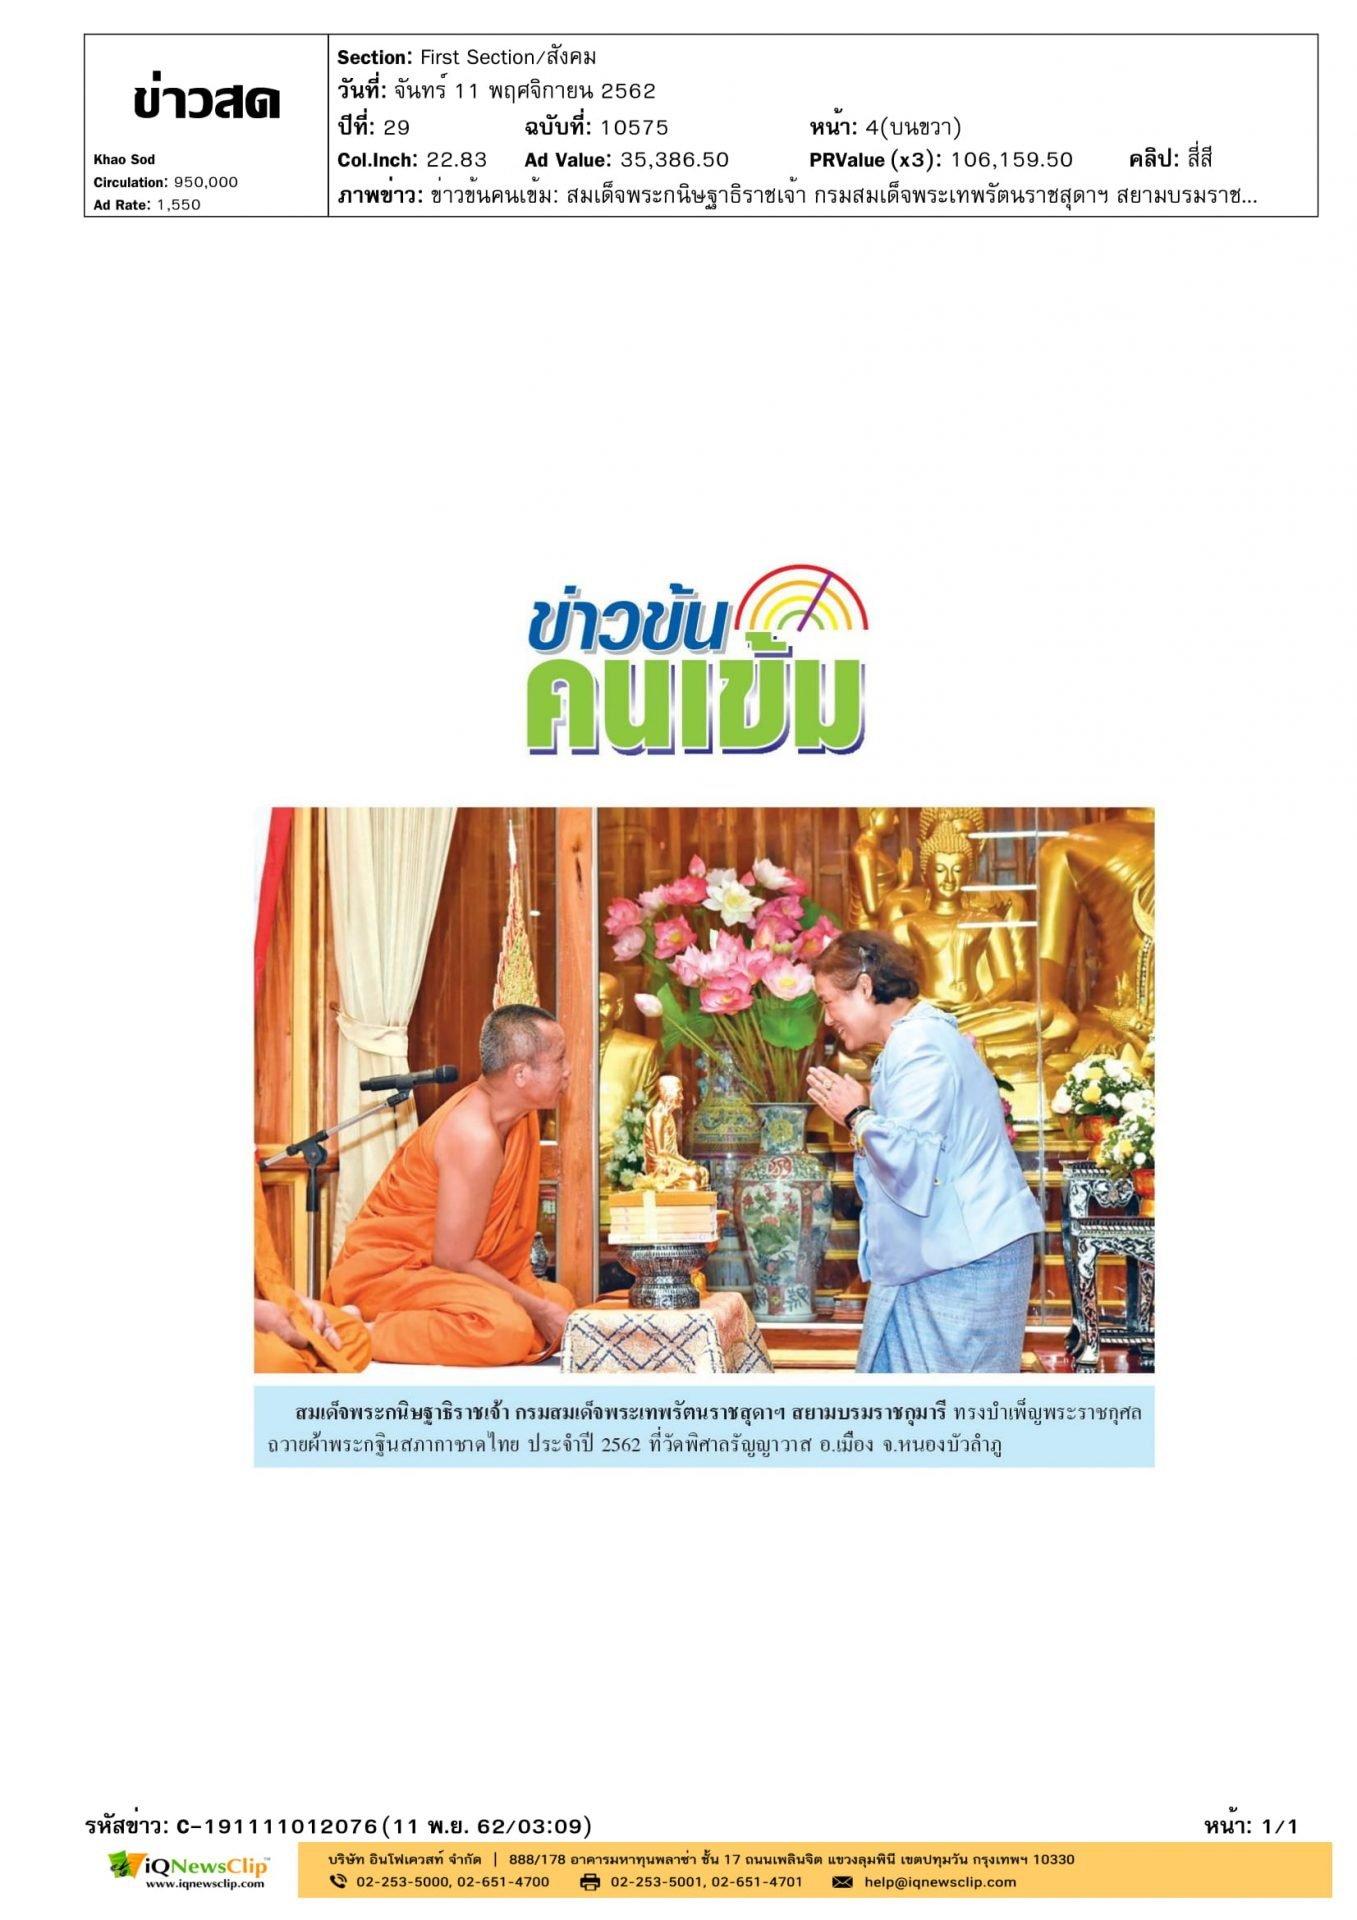 ถวายผ้าพระกฐิน สภากาชาดไทย ประจำปี 2562